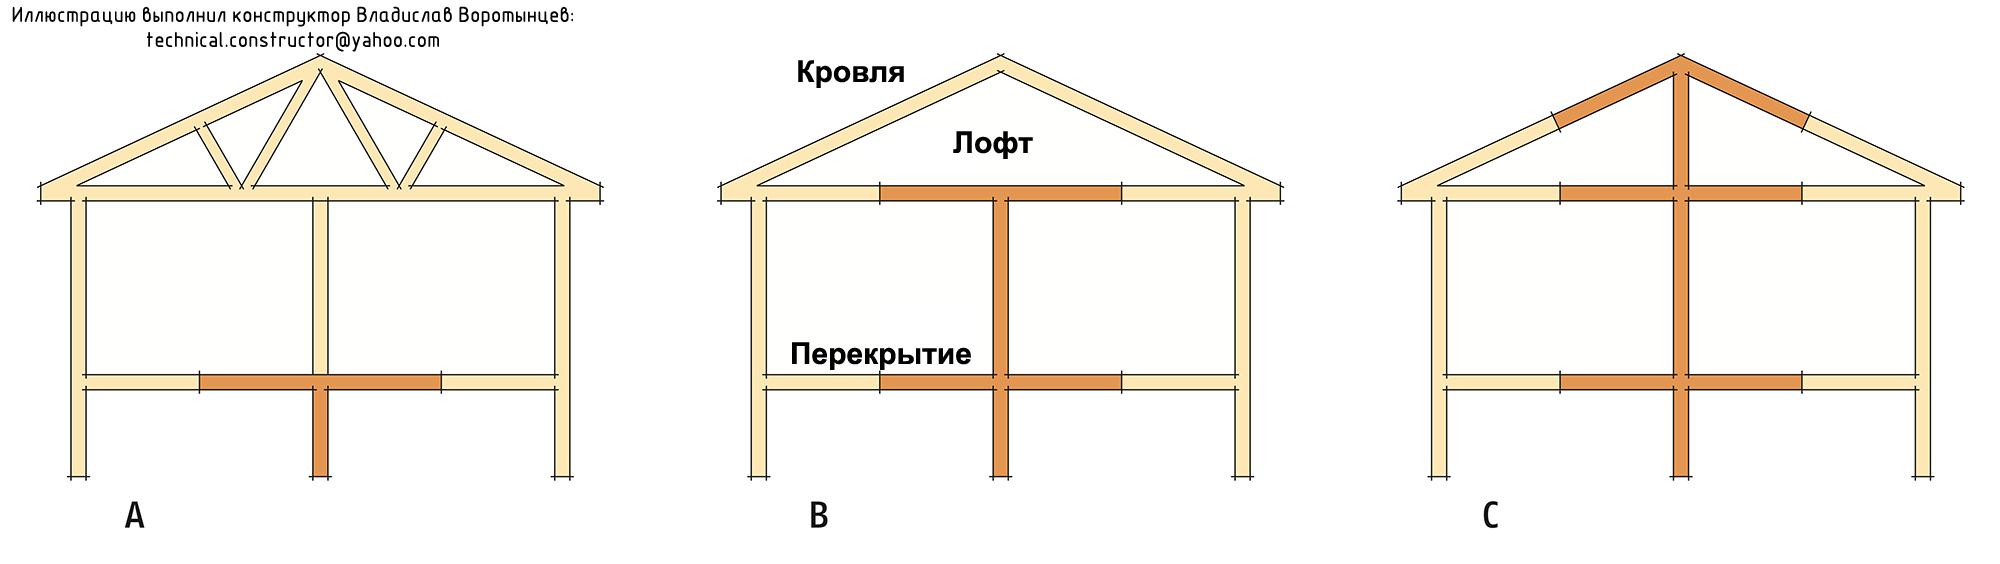 Рис. 9.5 Нагрузка на внутренние несущие стены может значительно отличаться в зависимости от конструкции дома.